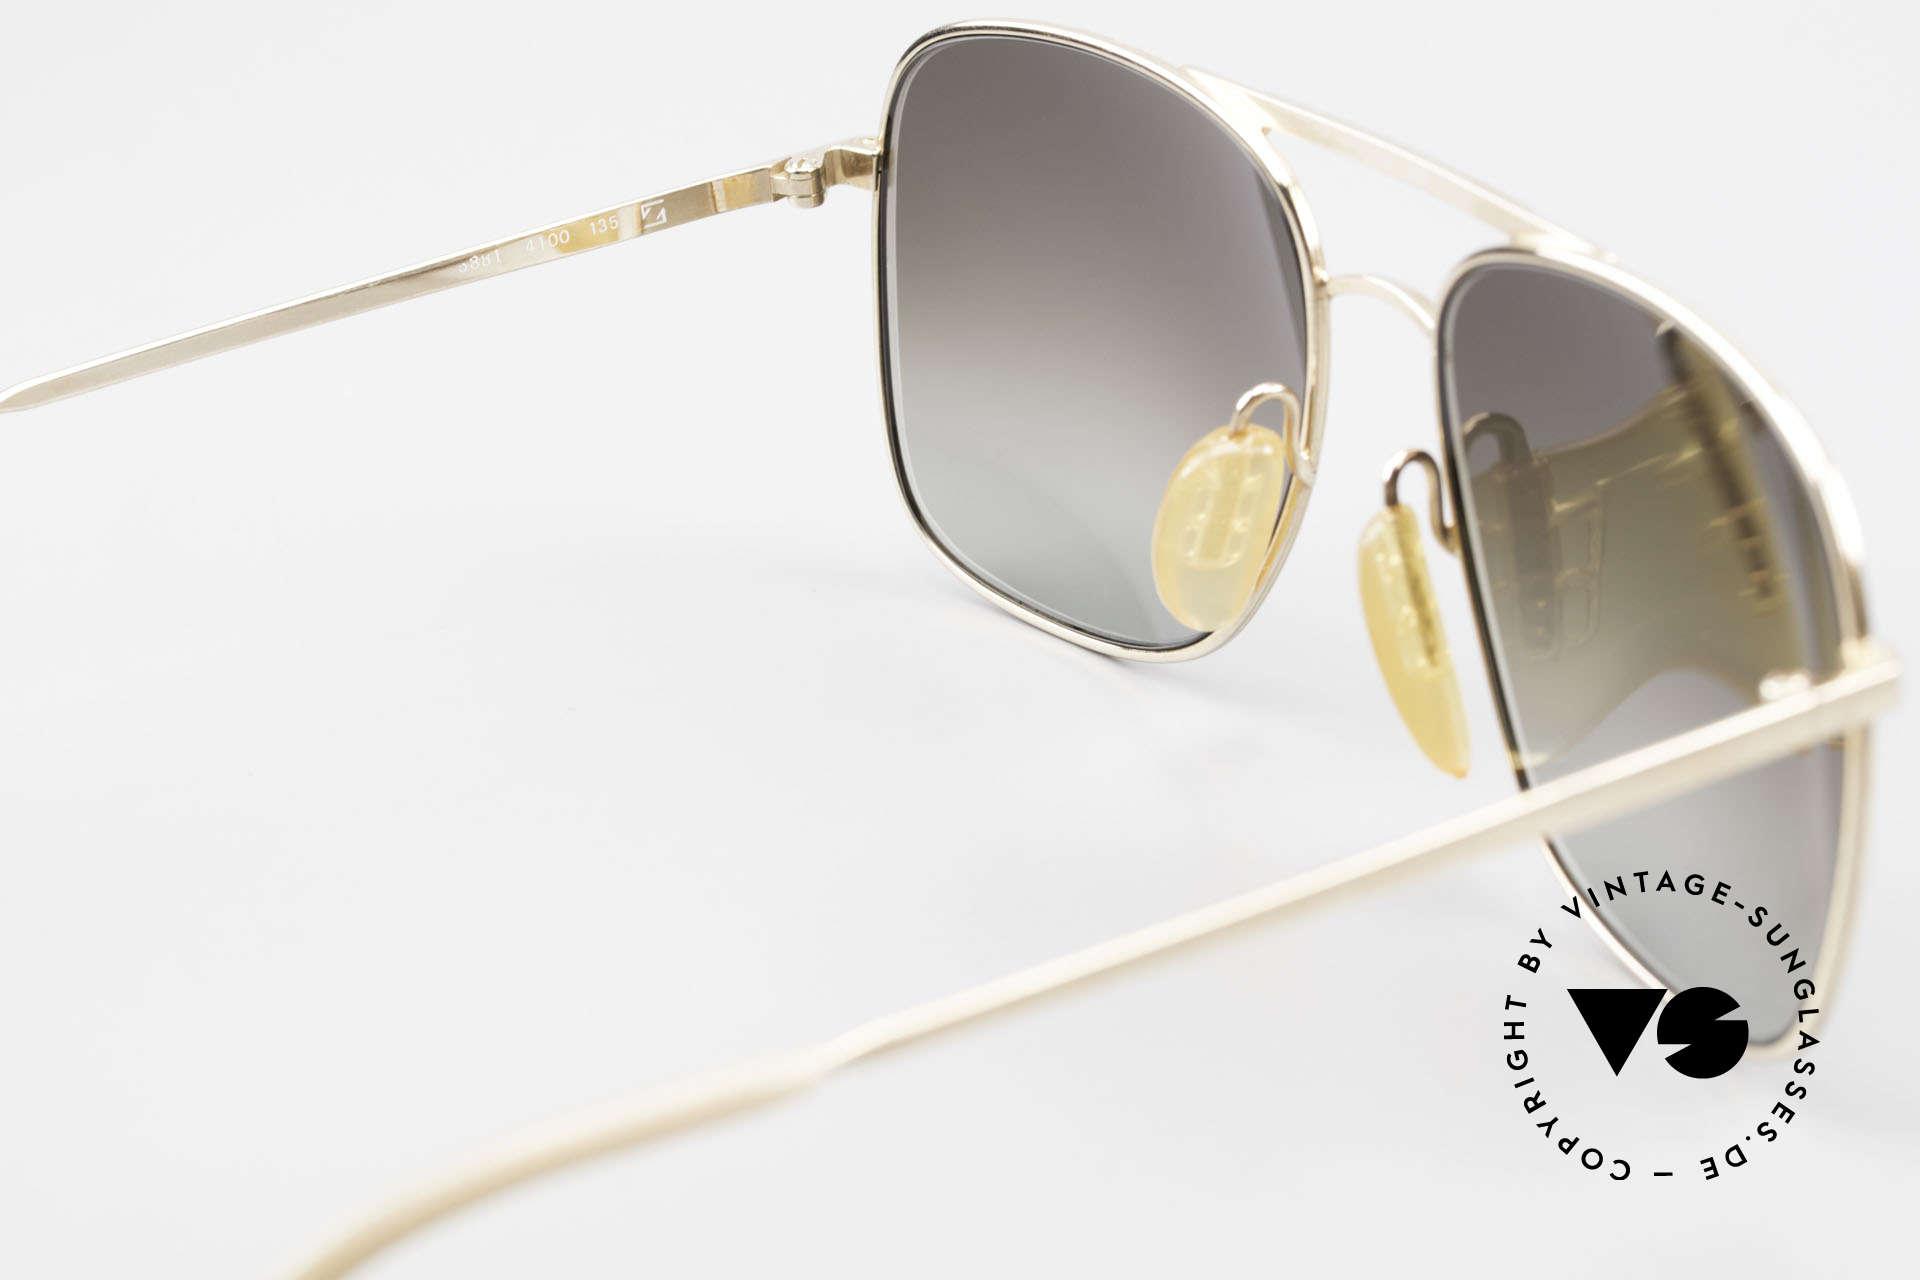 Zeiss 5881 Old 80's Sunglasses For Men, Size: medium, Made for Men